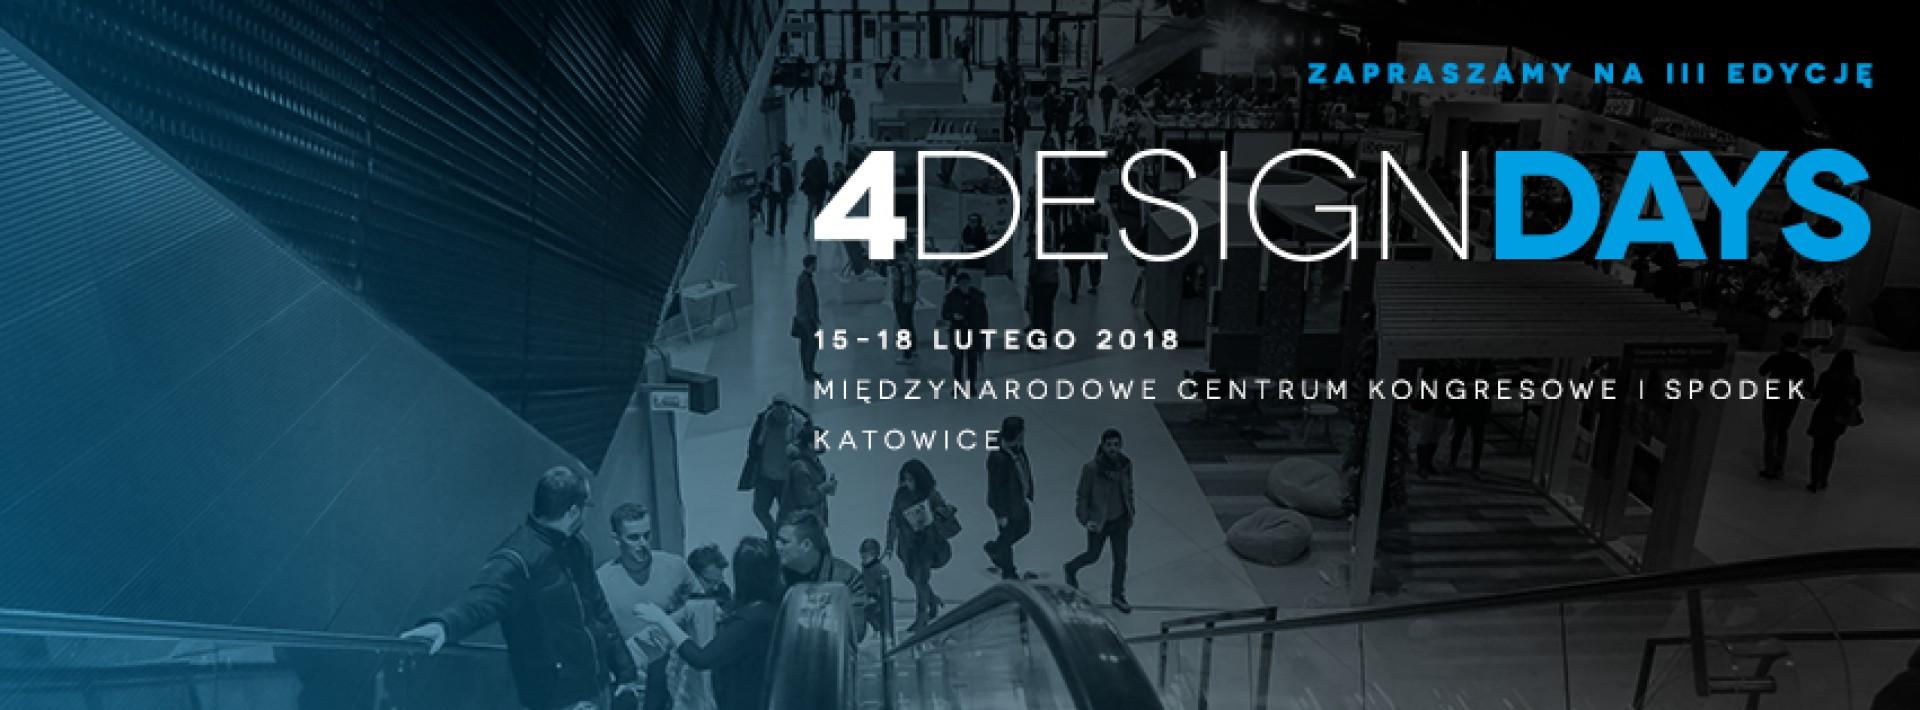 Trzecia edycja 4 Design Days odbędzie się 15–18 lutego 2018 roku.